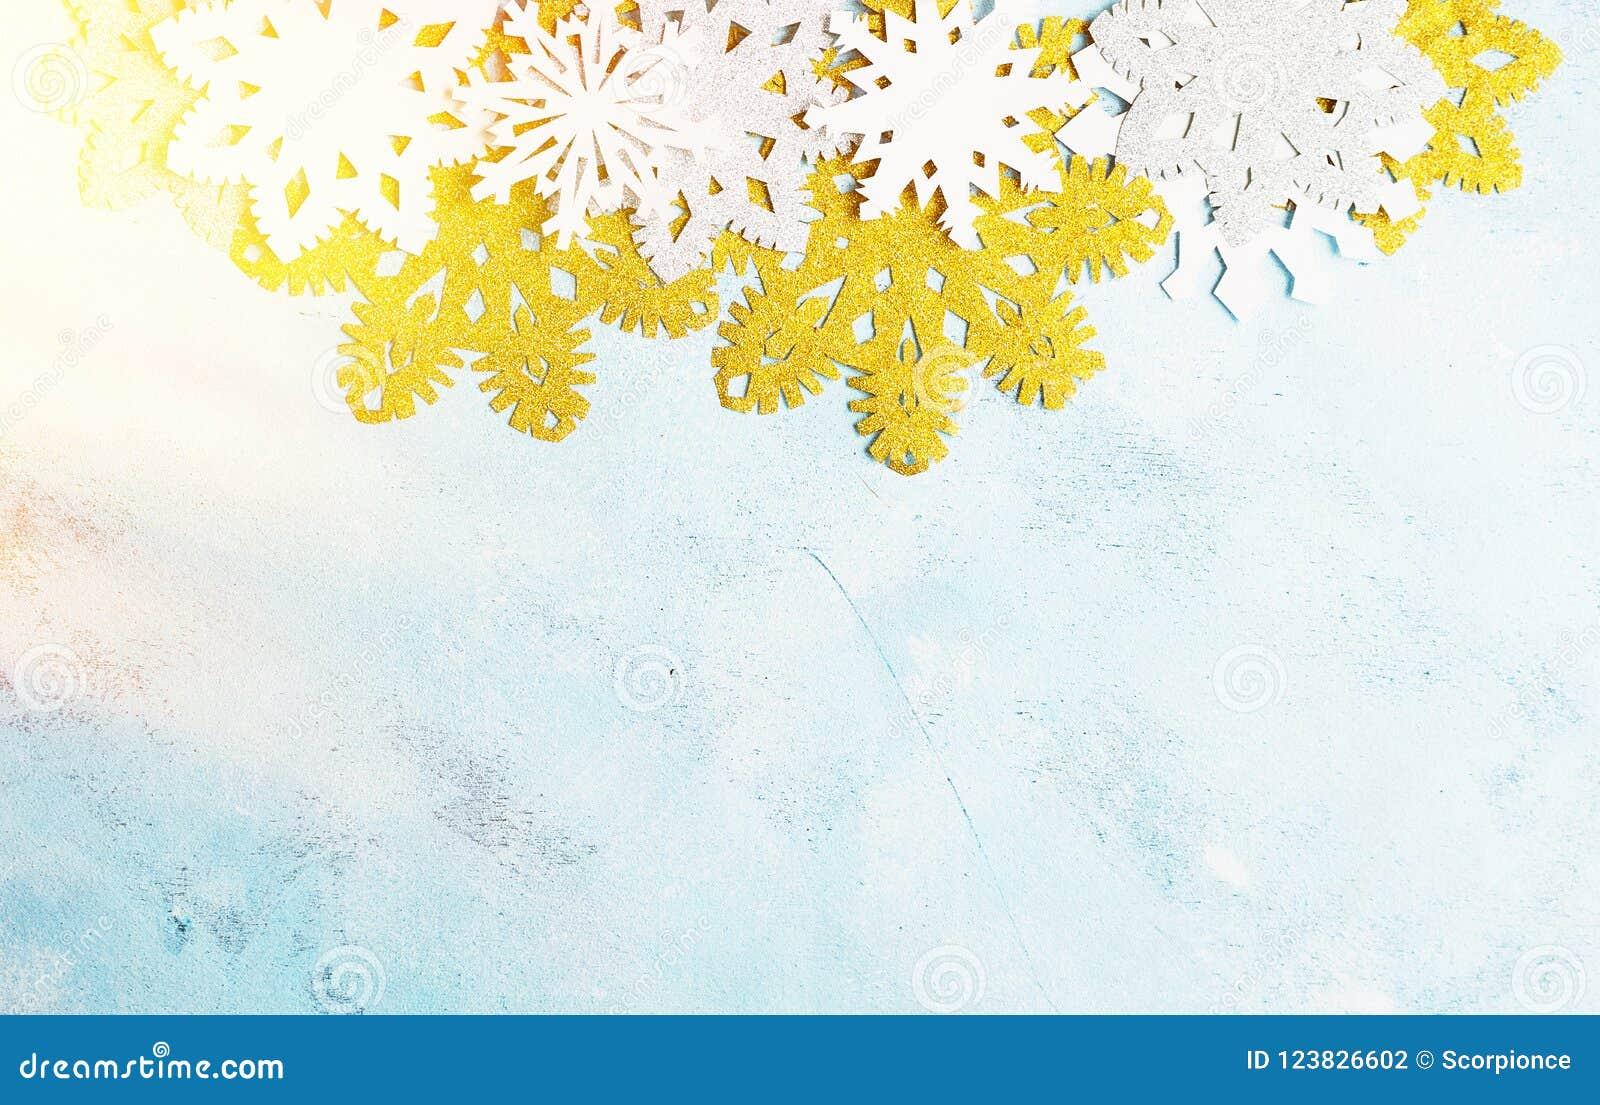 Flocons de neige blancs et d or de luxe sur le fond bleu-clair Hiver, Noël, concept de nouvelle année